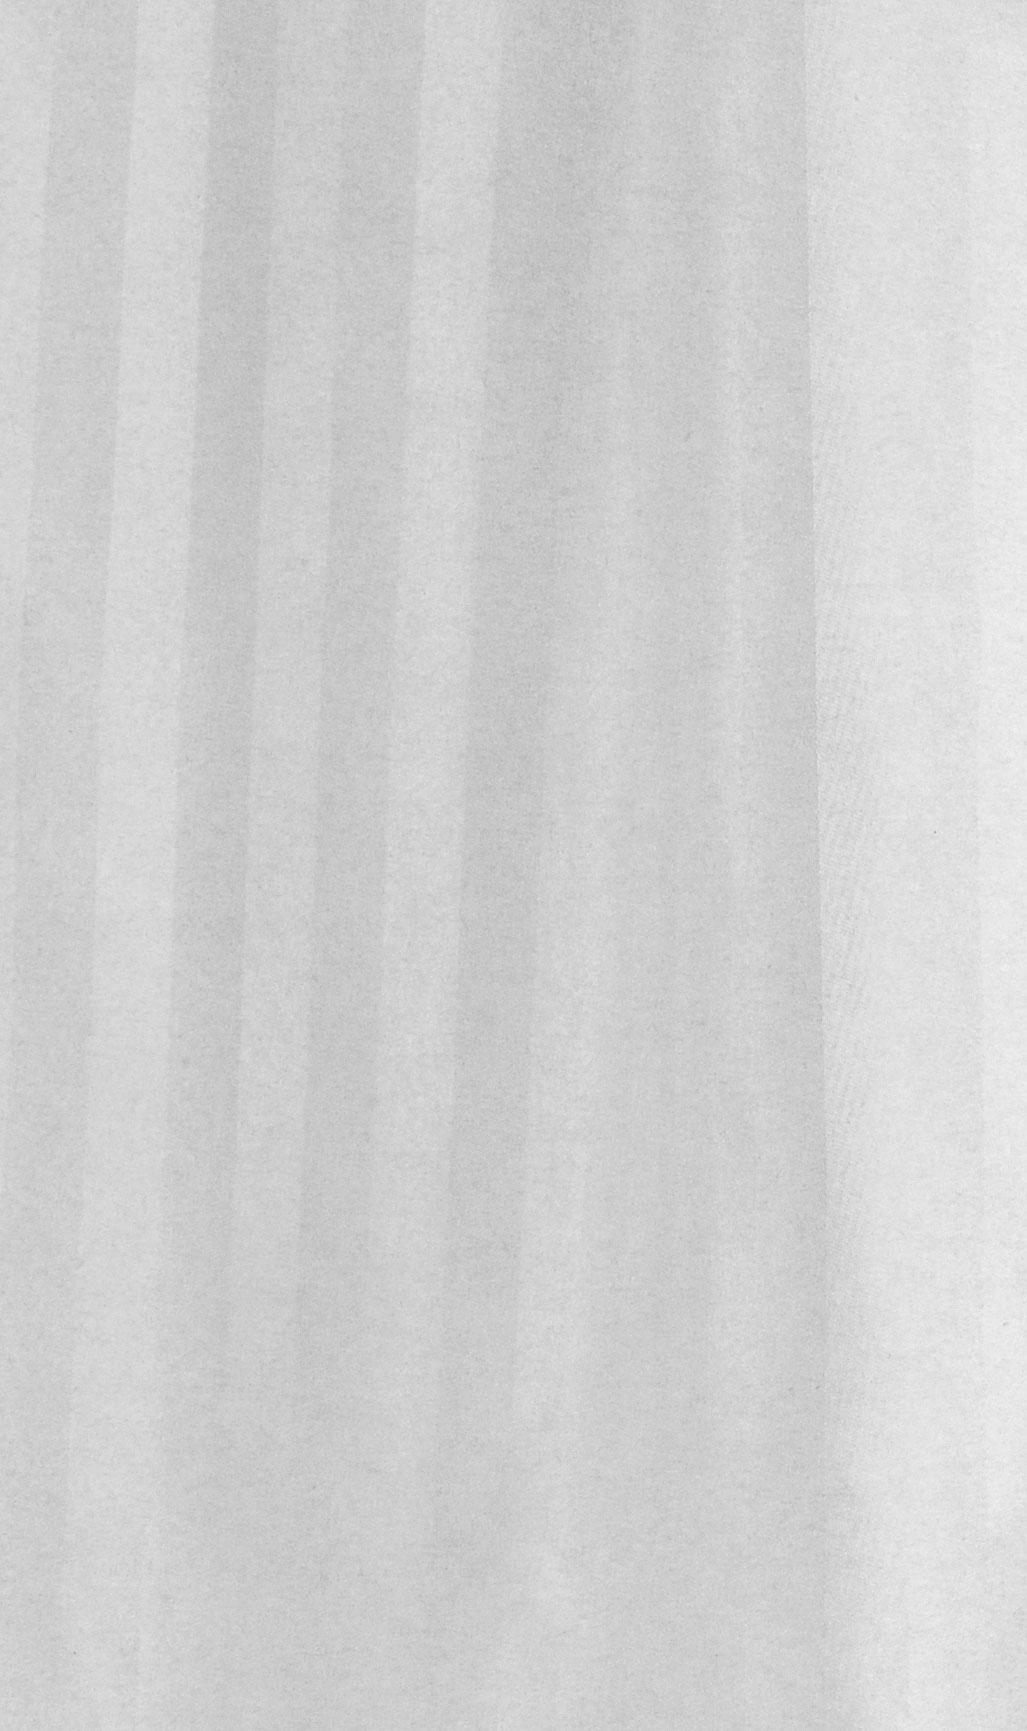 Штора для ванной комнаты White Fox Полоска, цвет: белый, 180 см х 200 смWBCH10-303Штора для ванной комнаты White Fox Полоска выполнена из полиэстера с водоотталкивающей и антибактериальной пропиткой. В нижний край вшит утяжелитель змейка, который обладает большой гибкостью и не теряет своих свойств после стирки. Штора оформлена узором в полоску. В комплекте прилагаются 12 фигурных пластиковых колец в форме С. Штора для ванной комнаты White Fox Полоска удобна и проста в уходе. Можно стирать при температуре не выше +30°C и гладить при температуре до +110°C. Штора для ванной комнаты является прекрасным украшением для ванной комнаты и надежной защитой от разбрызгивания воды.